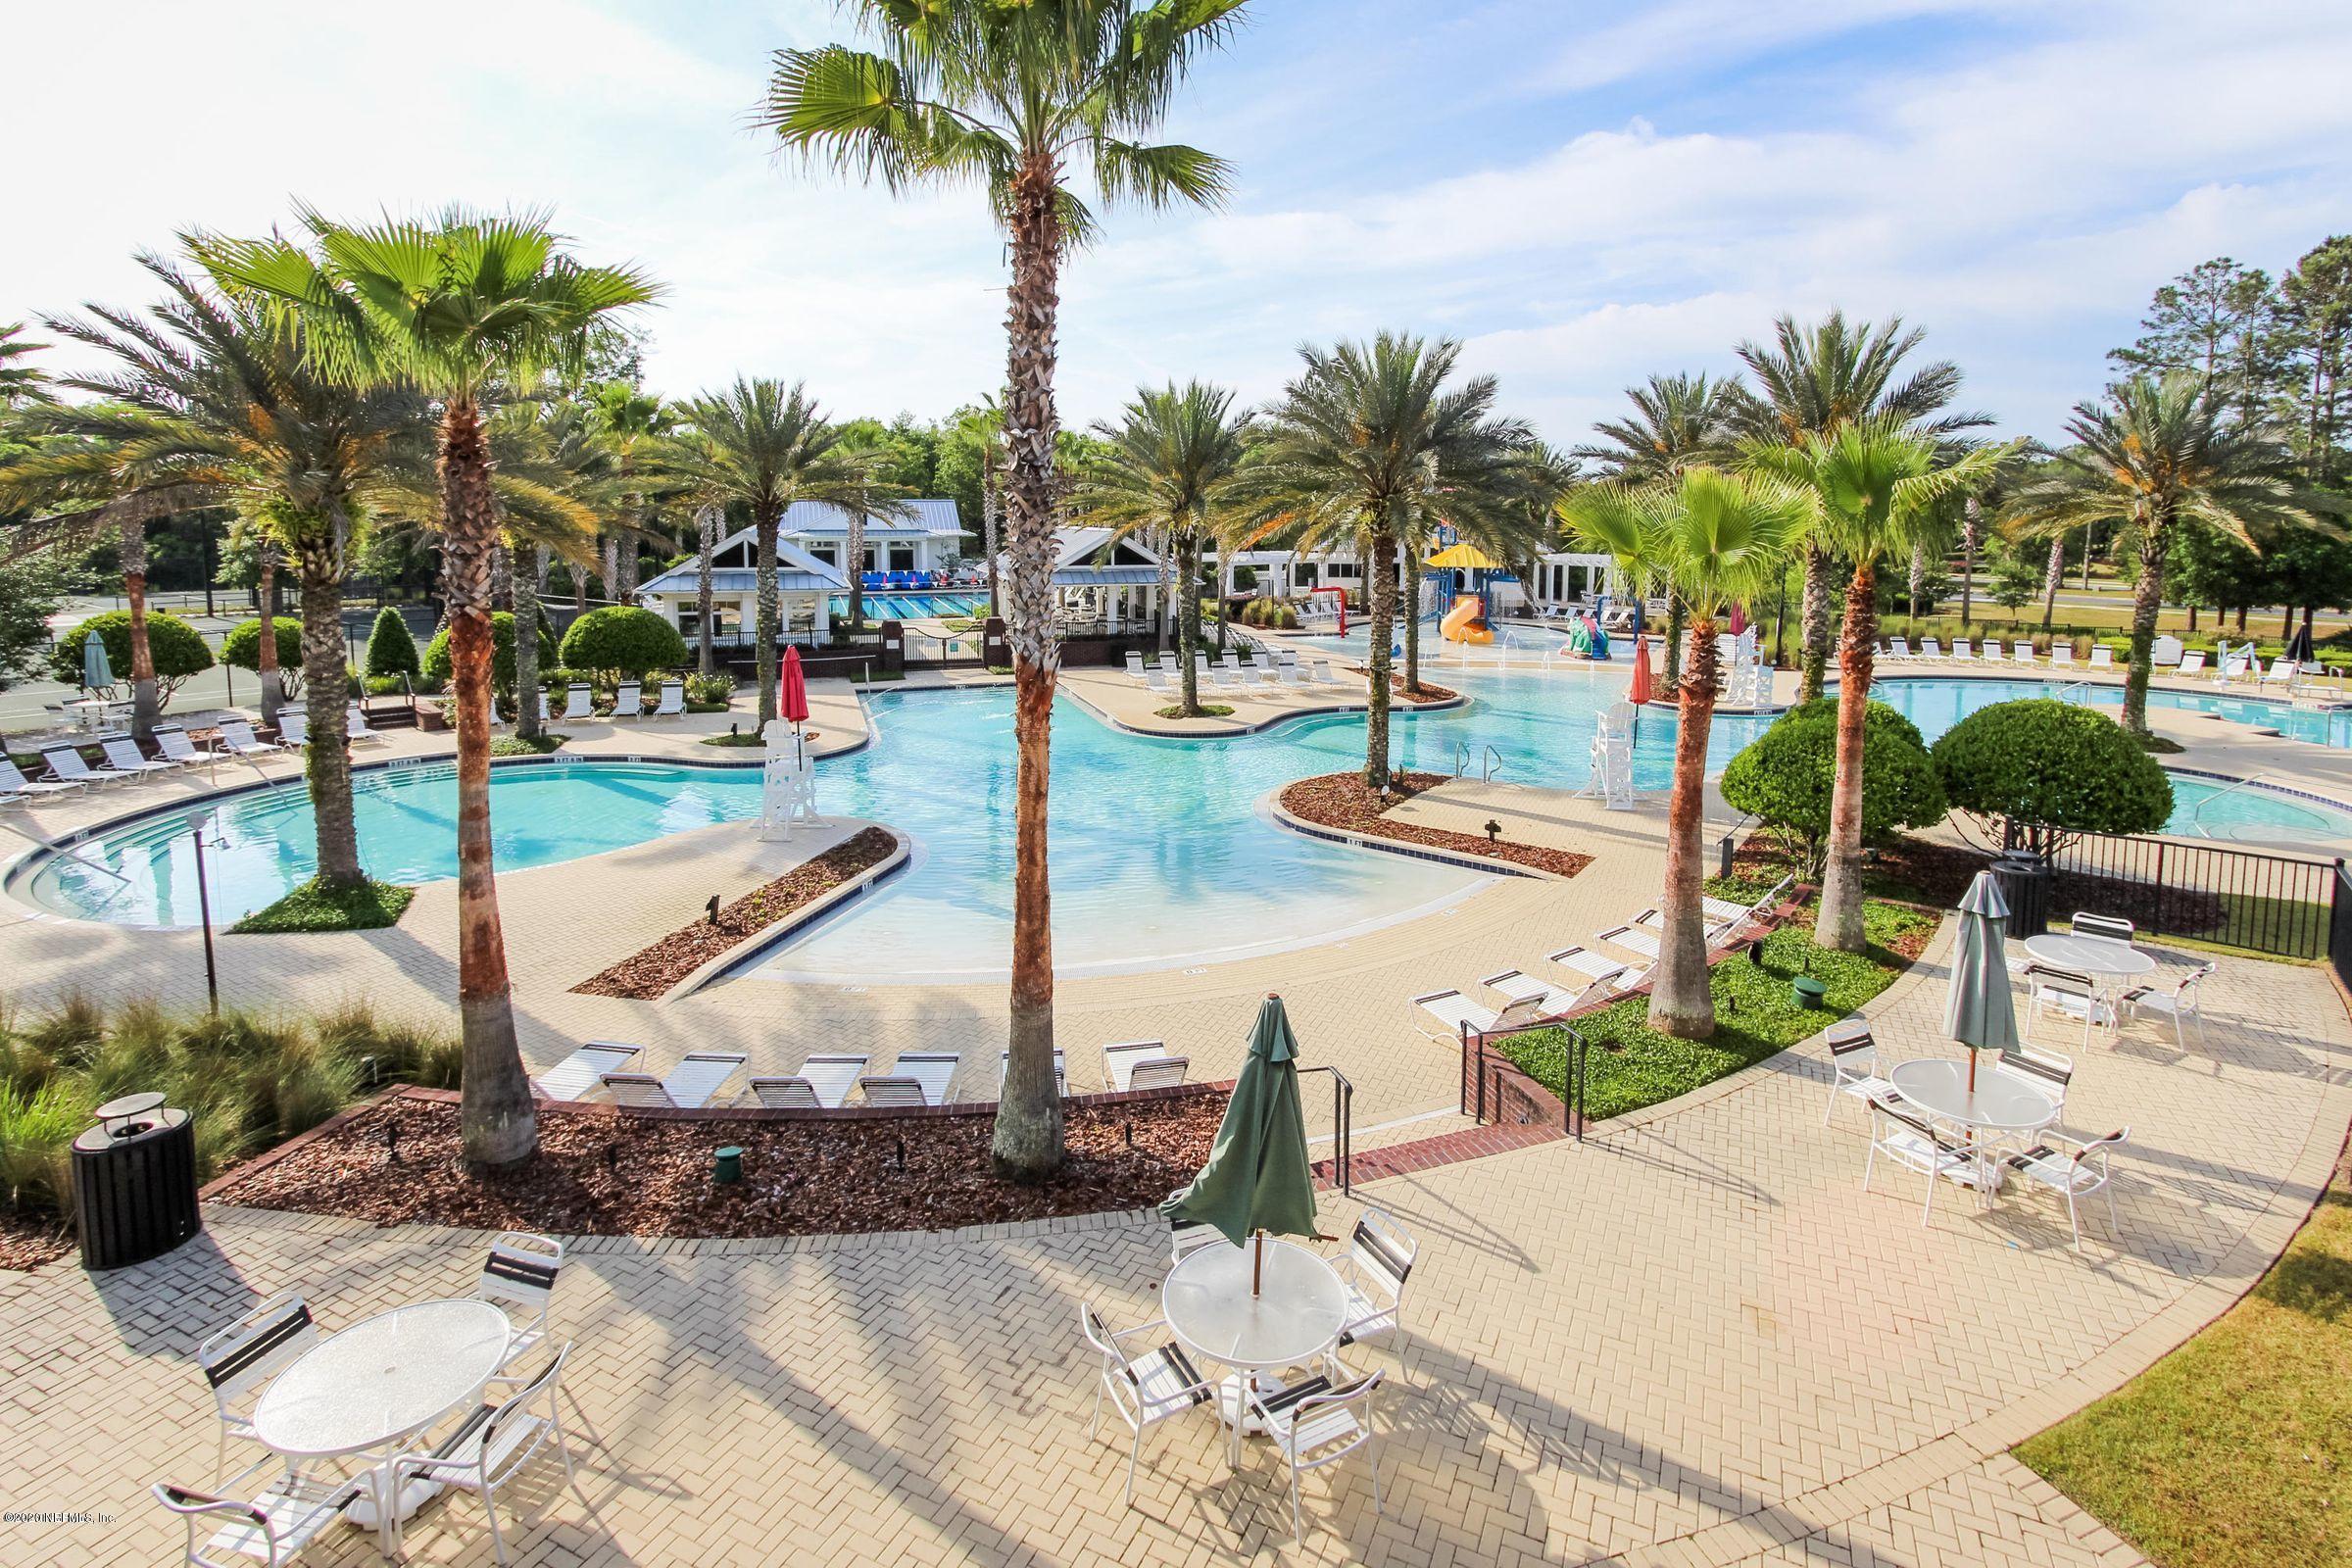 785 OAKLEAF PLANTATION, ORANGE PARK, FLORIDA 32065, 3 Bedrooms Bedrooms, ,2 BathroomsBathrooms,Rental,For Rent,OAKLEAF PLANTATION,1081778